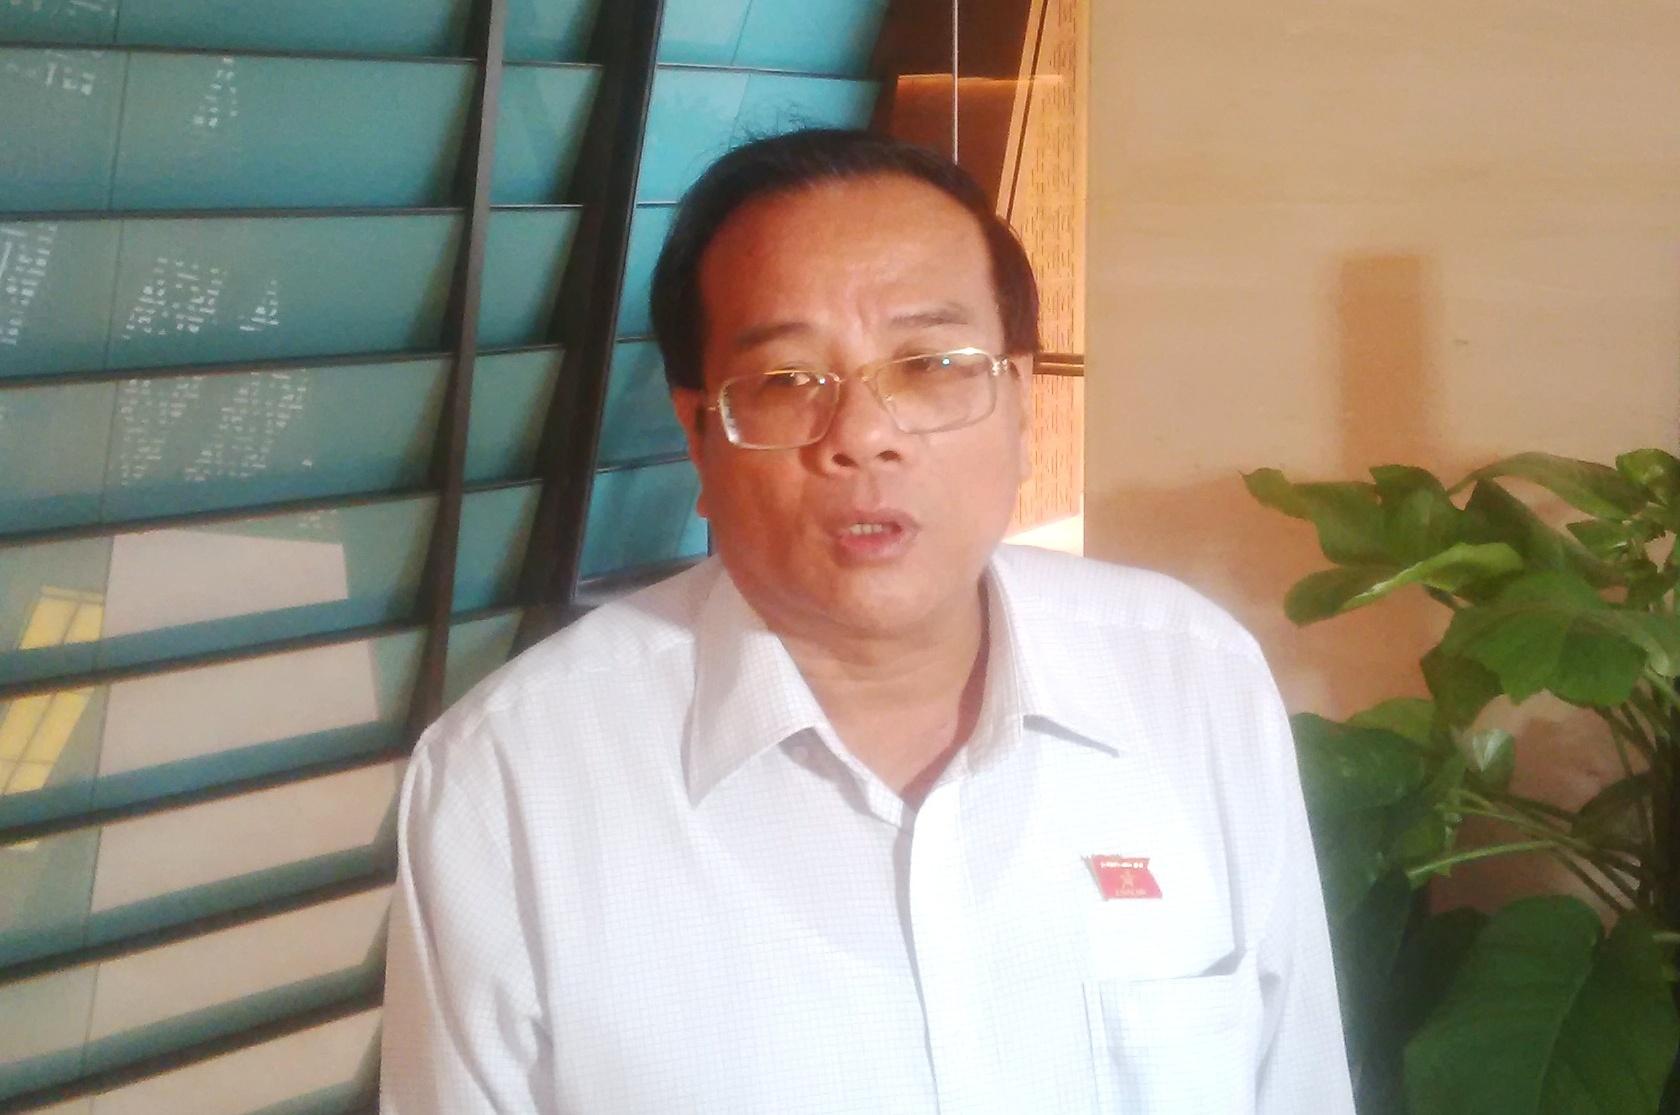 Phó Bí thư Bình Thuận thông tin về vụ phá cổng ủy ban tỉnh, đốt xe